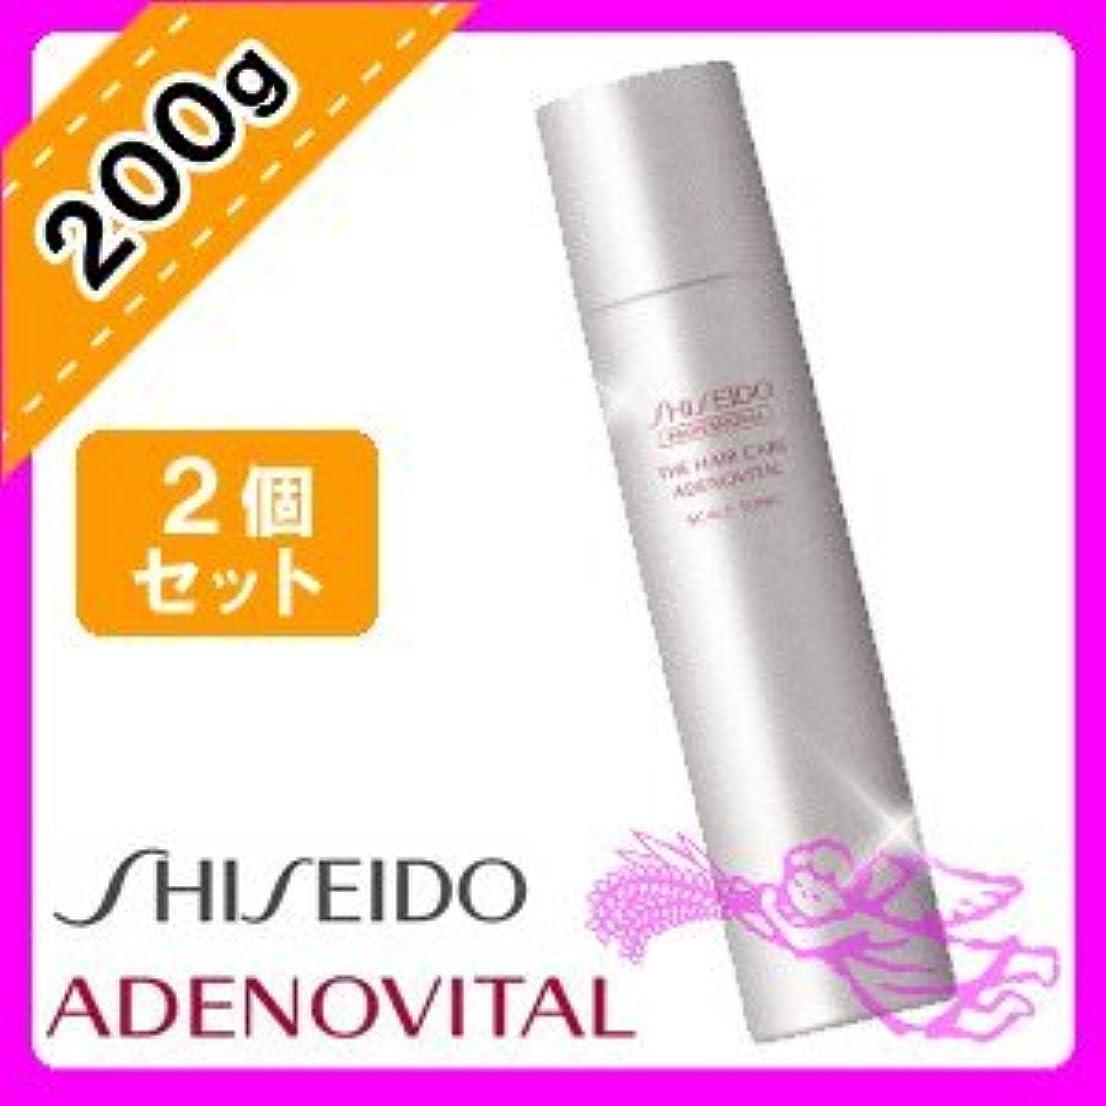 資生堂 アデノバイタル スカルプトニック 200g ×2個セット SHISEIDO ADENOVITAL 医薬部外品